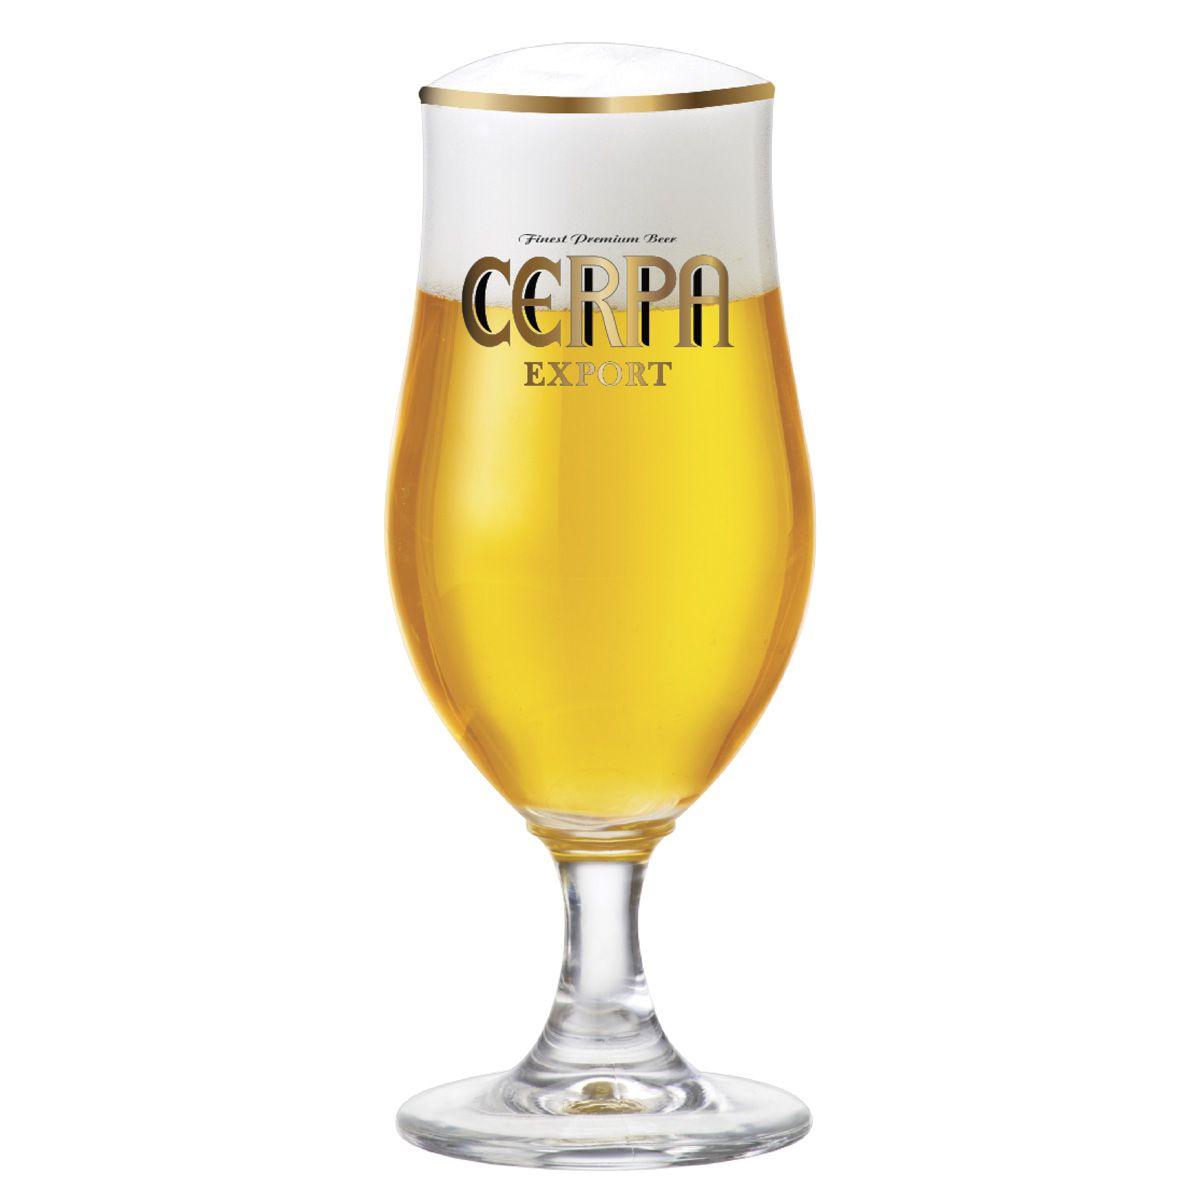 Taça de Cerveja Cerpa Export Cristal 370ml